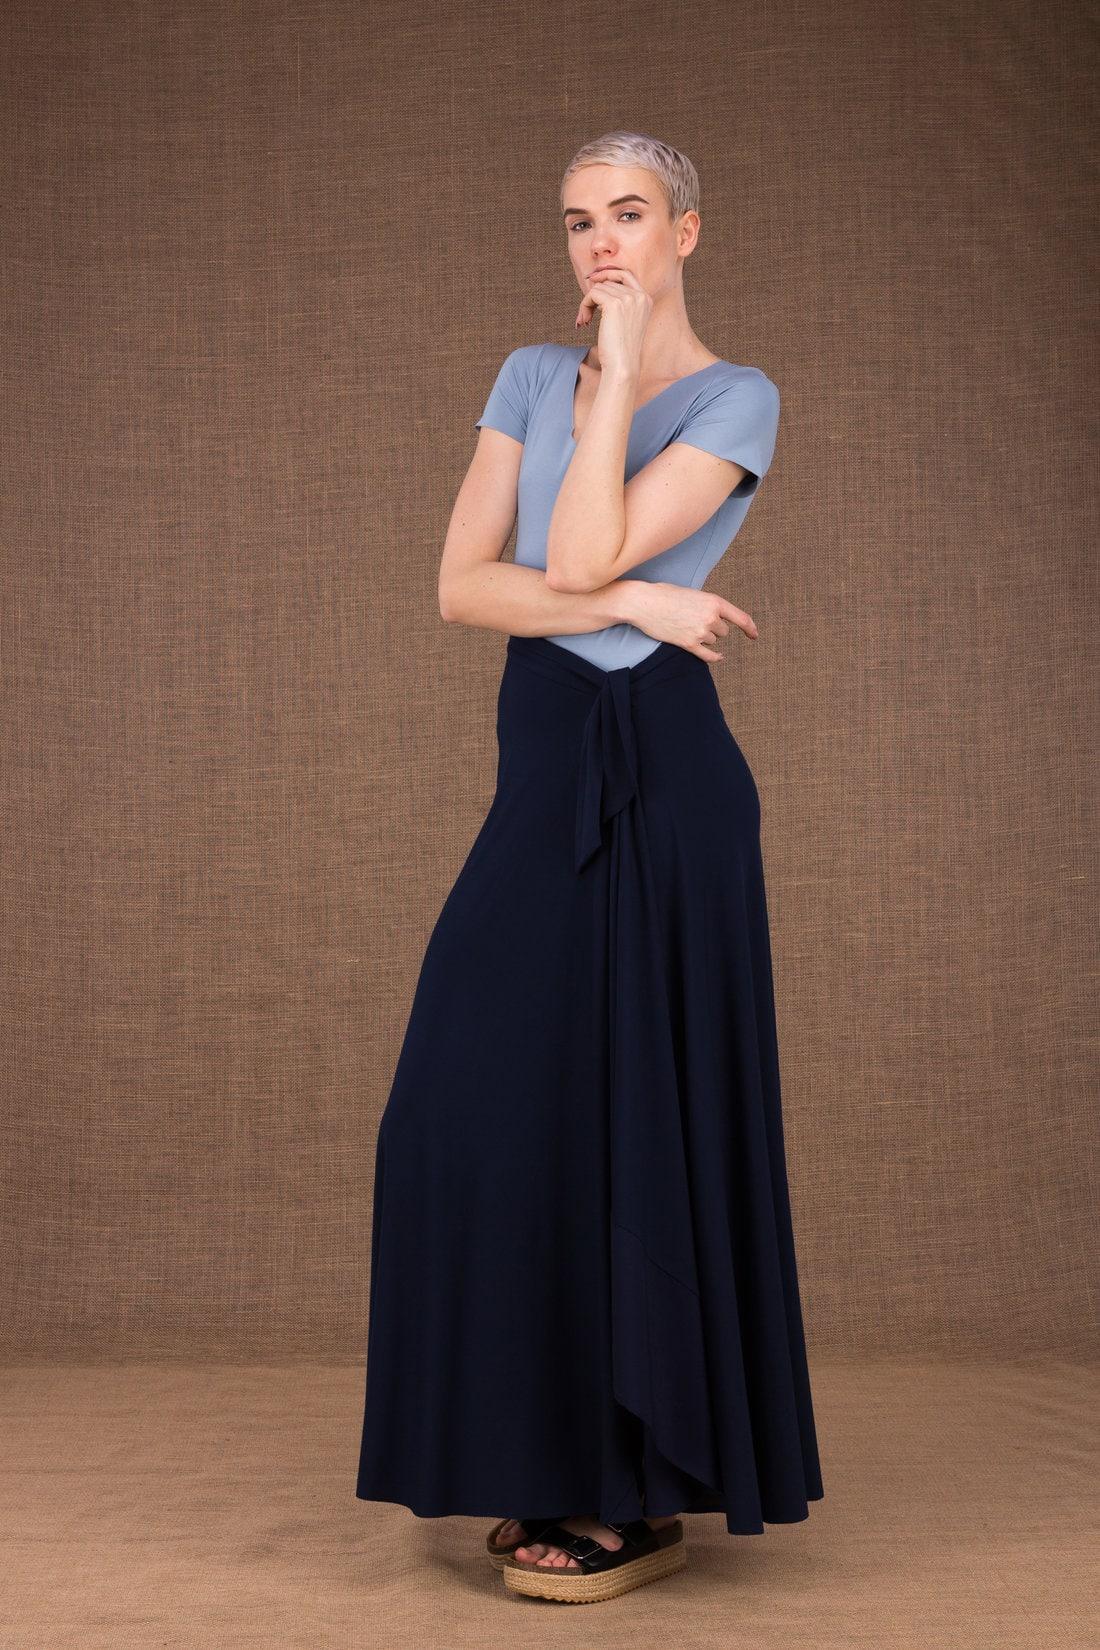 sélection premium aad12 647c5 Blizzair Dark Blue jupe longue en maille de viscose